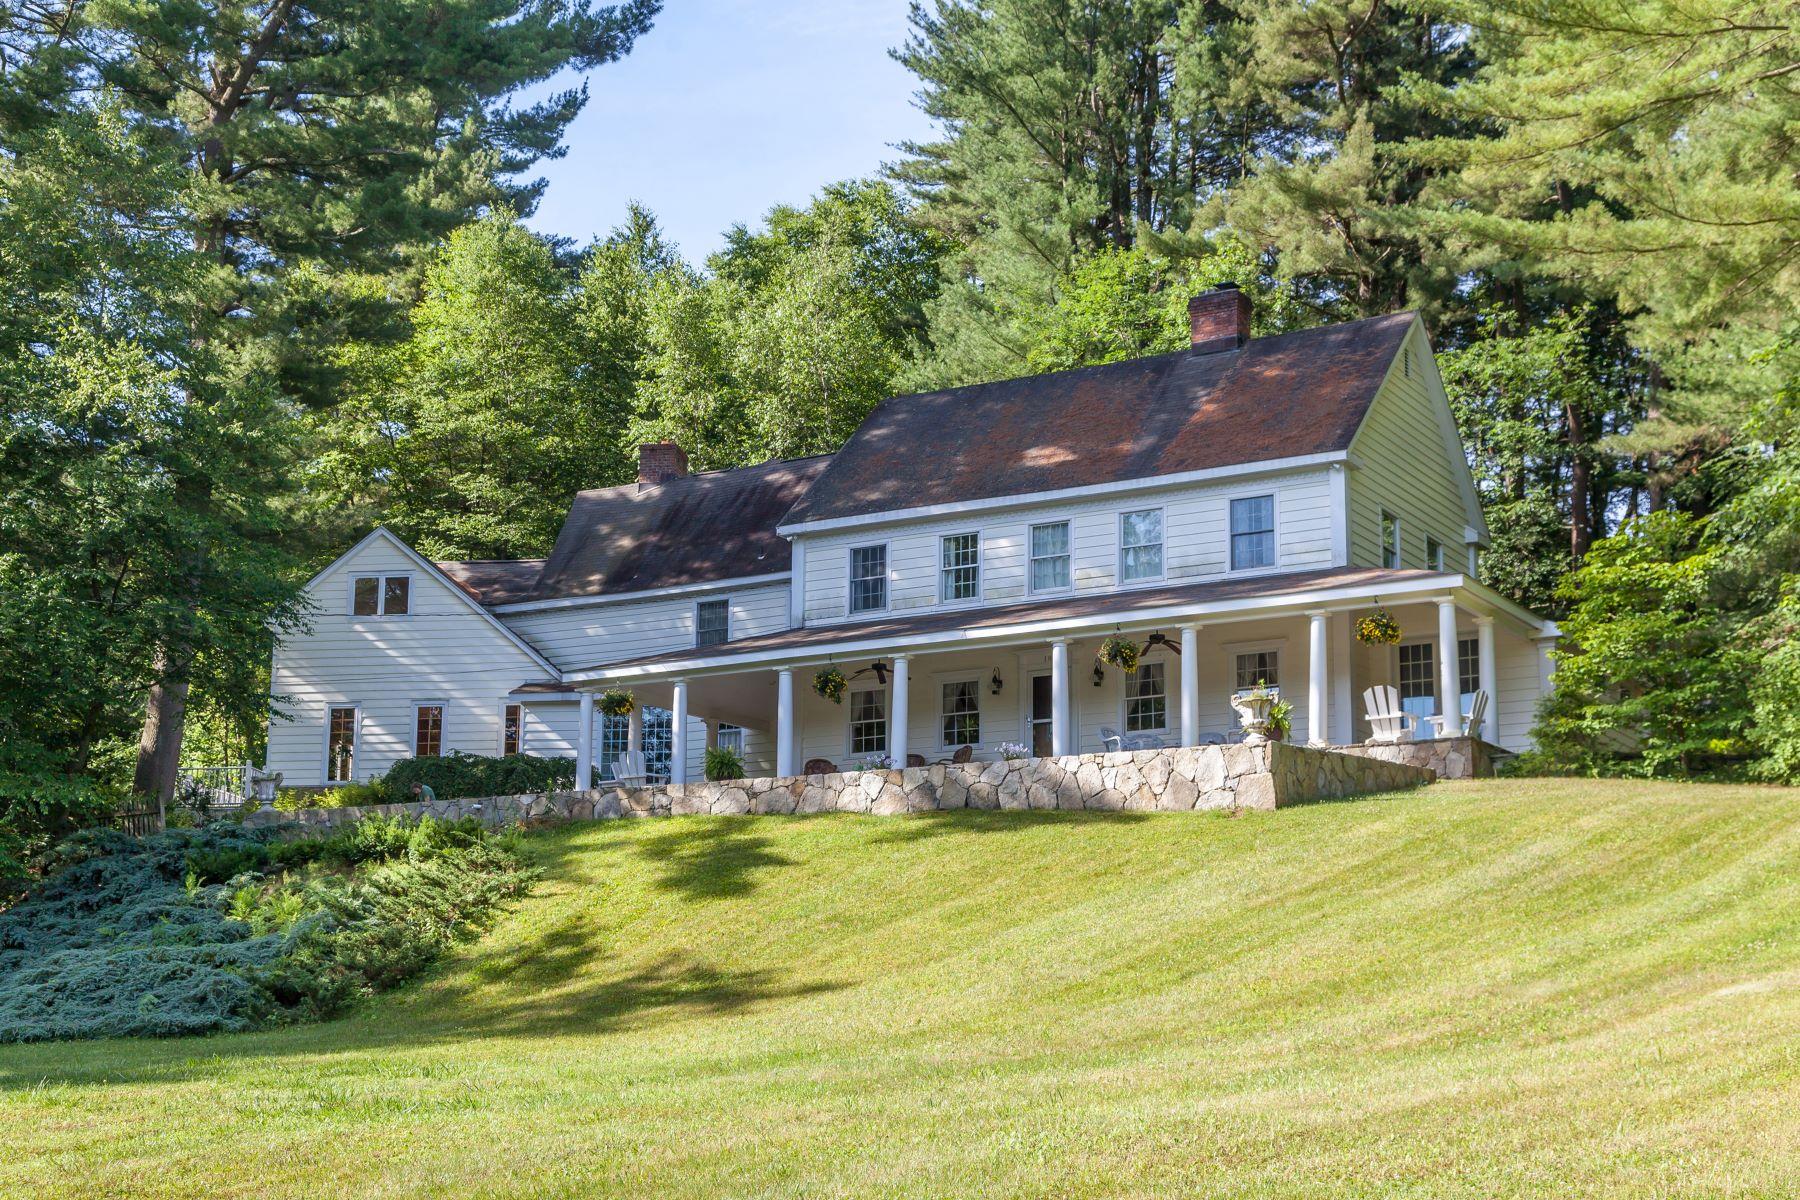 Maison unifamiliale pour l Vente à Country Compound 189 Clapboard Rd Bridgewater, Connecticut, 06752 États-Unis